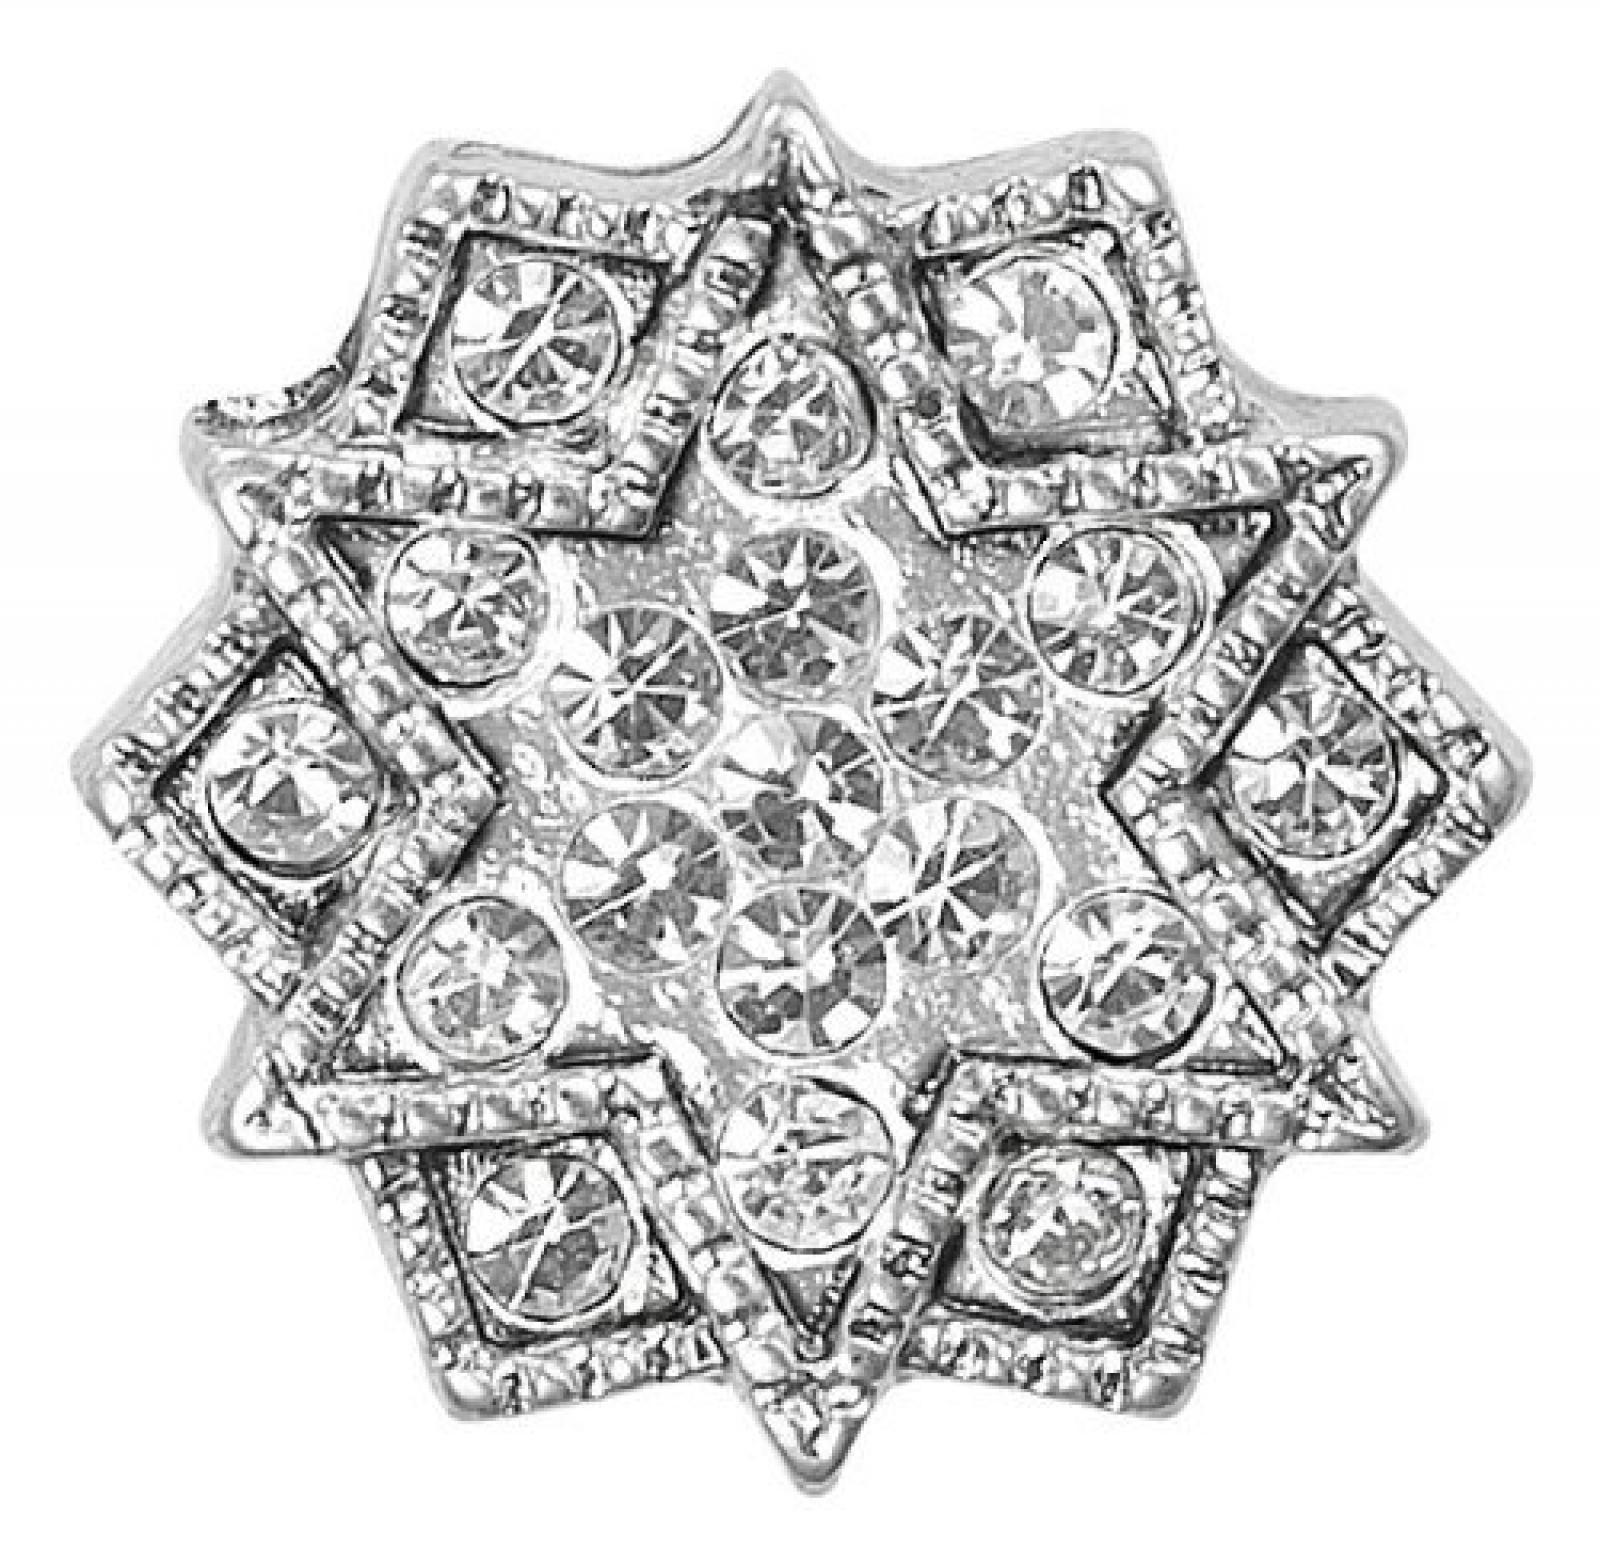 Pilgrim Damen-Anhänger charming versilbert kristall 42114-6018